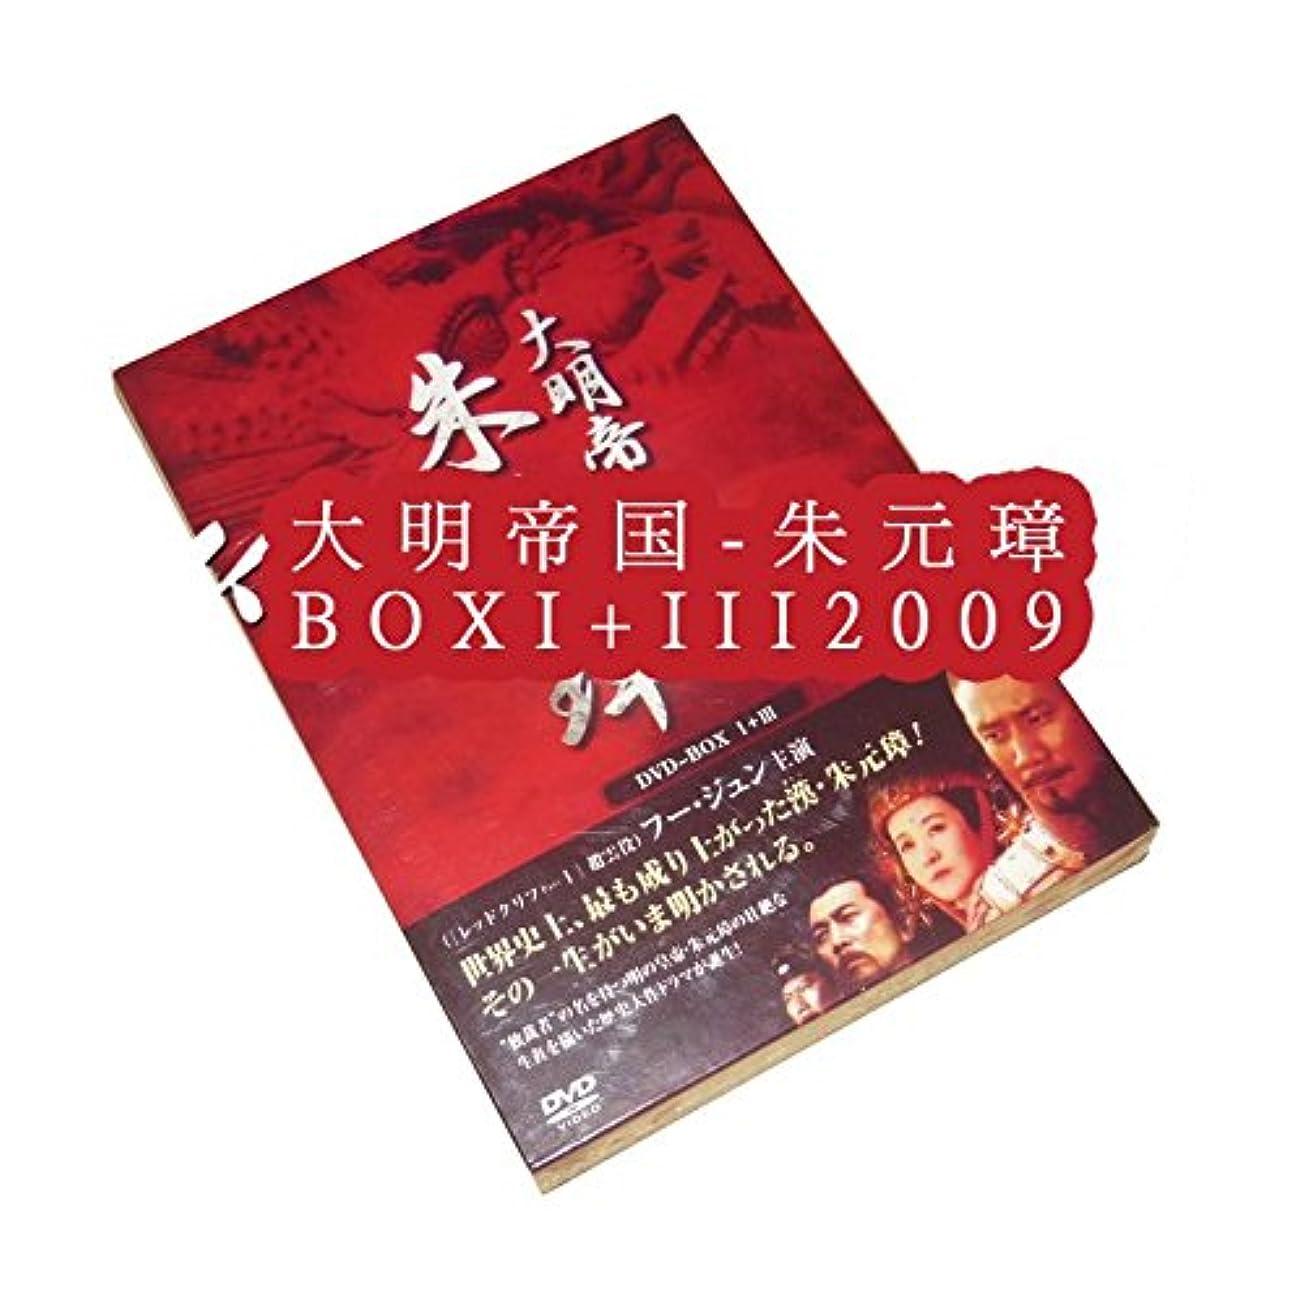 タイル北西発言する大明帝国- 朱元璋 BOXI+III 2009